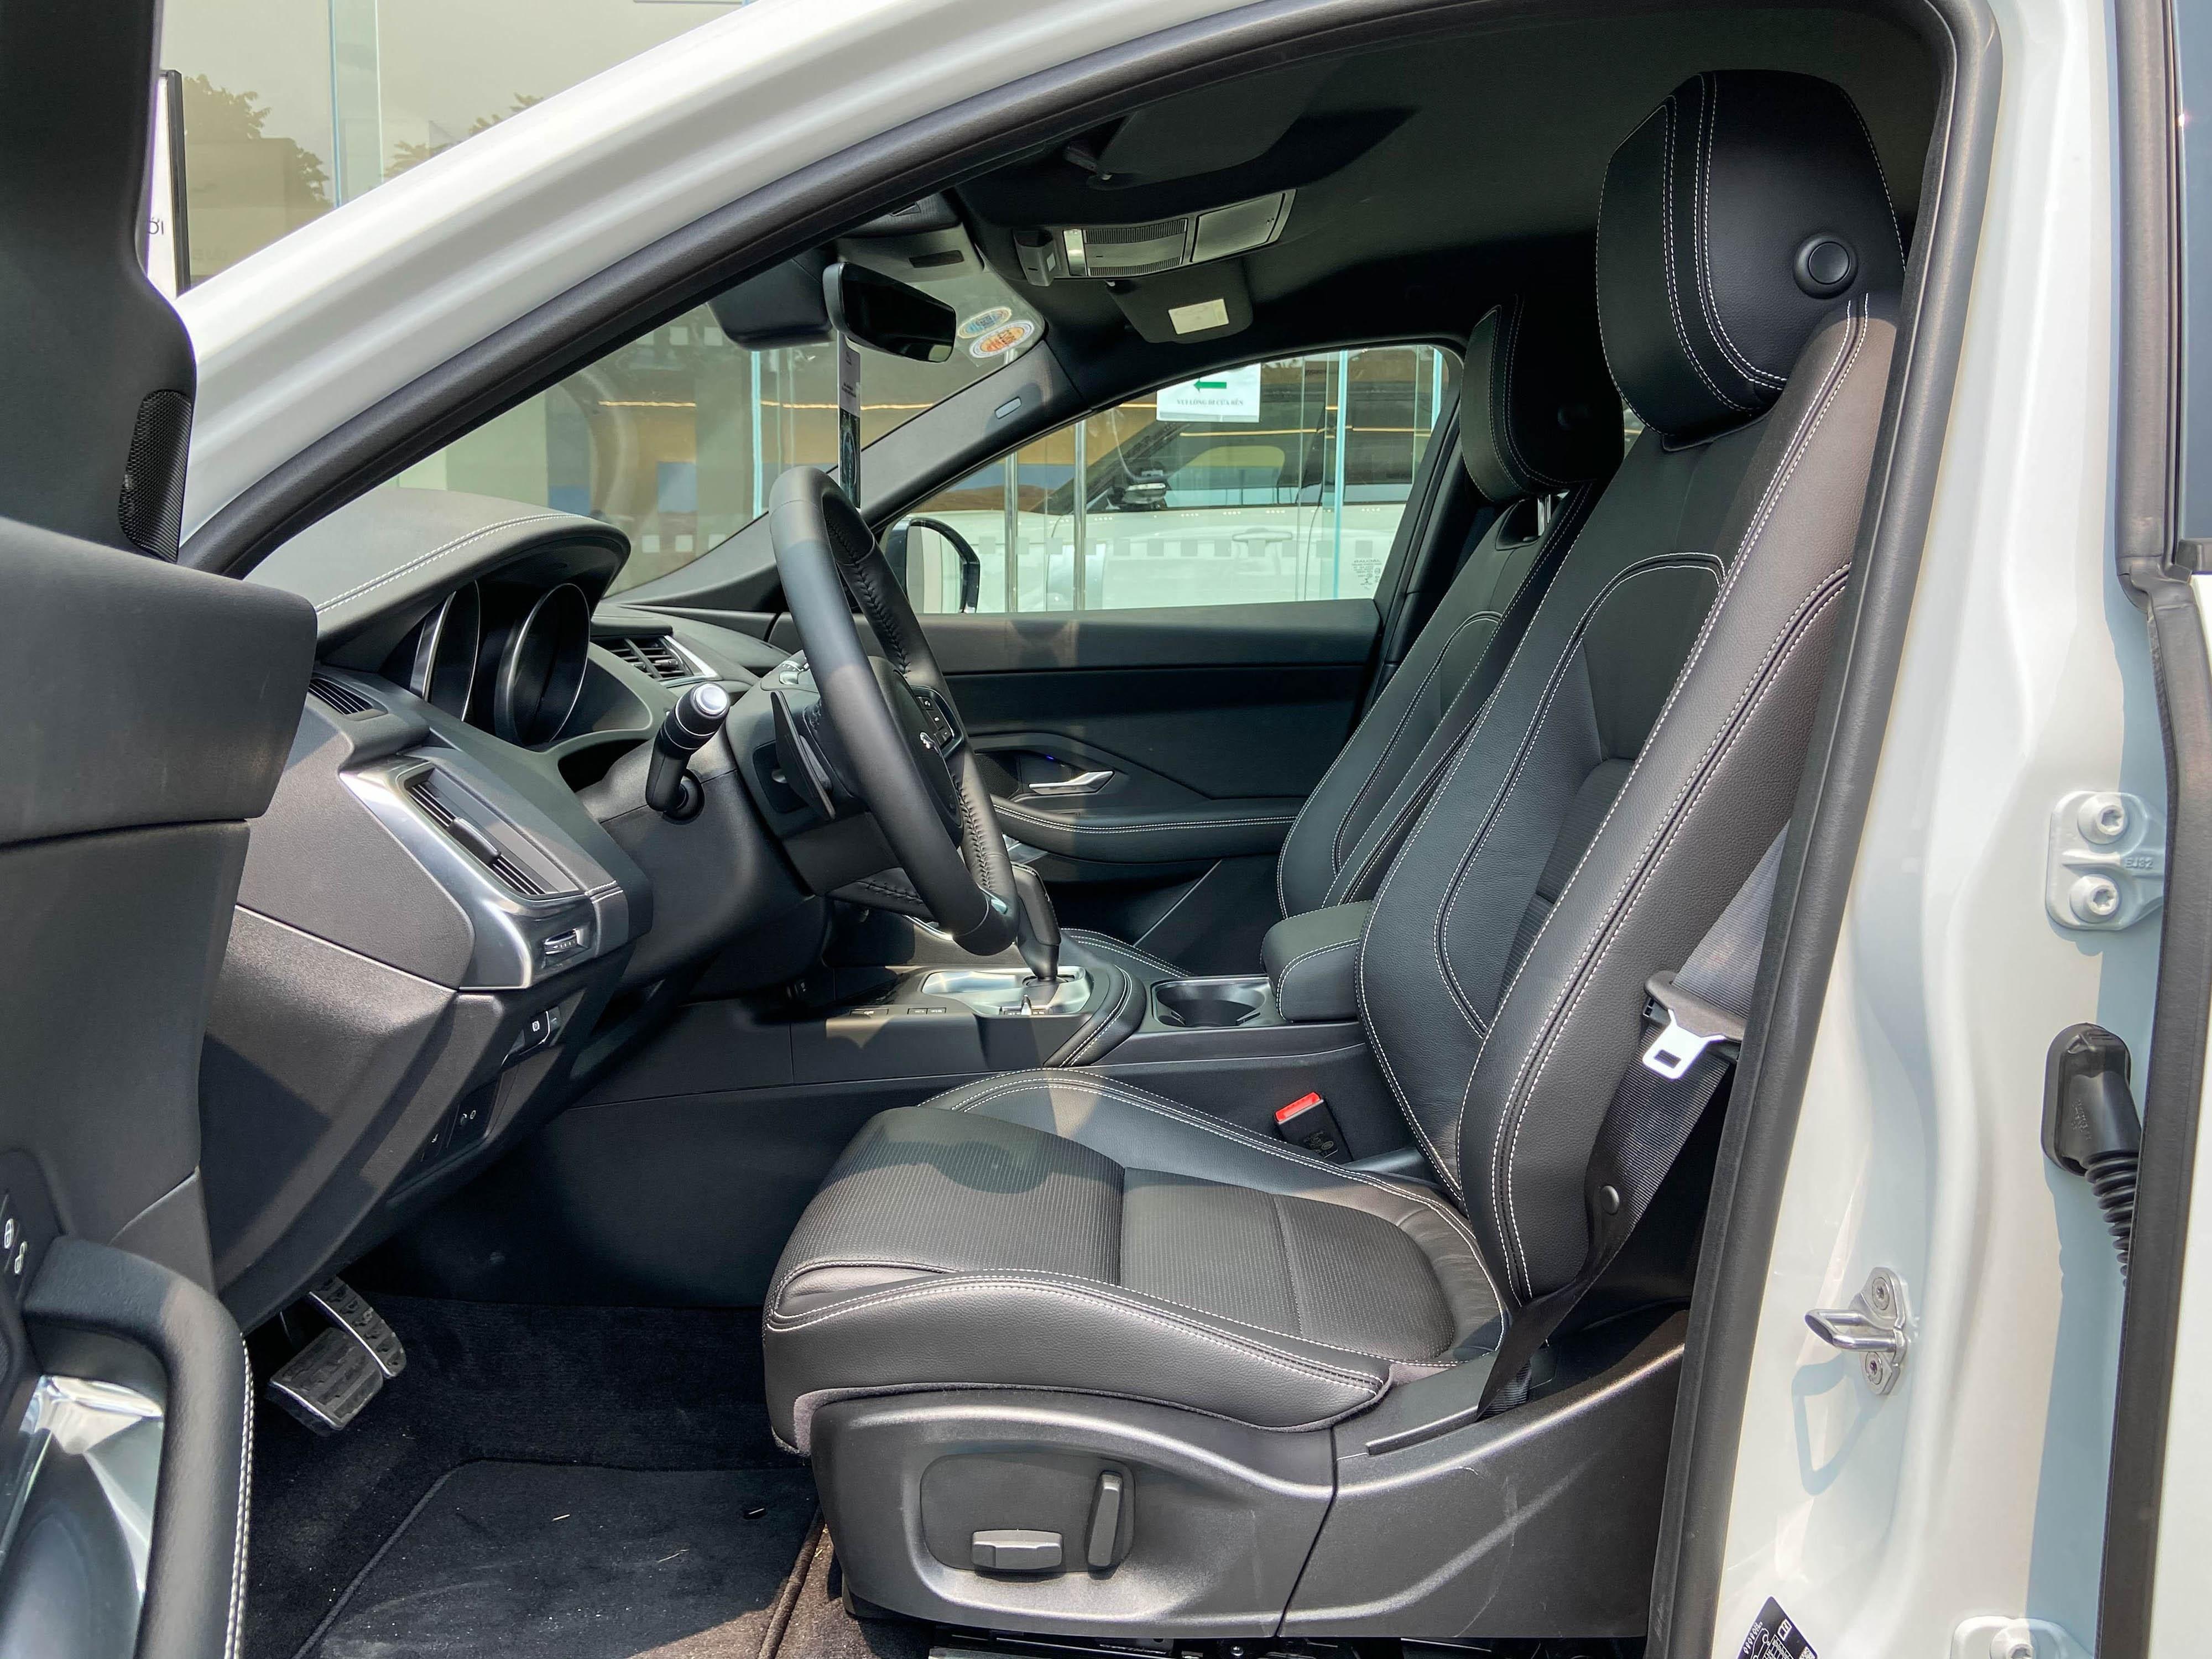 So sanh Range Rover Evoque va Jaguar E-Pace anh 14